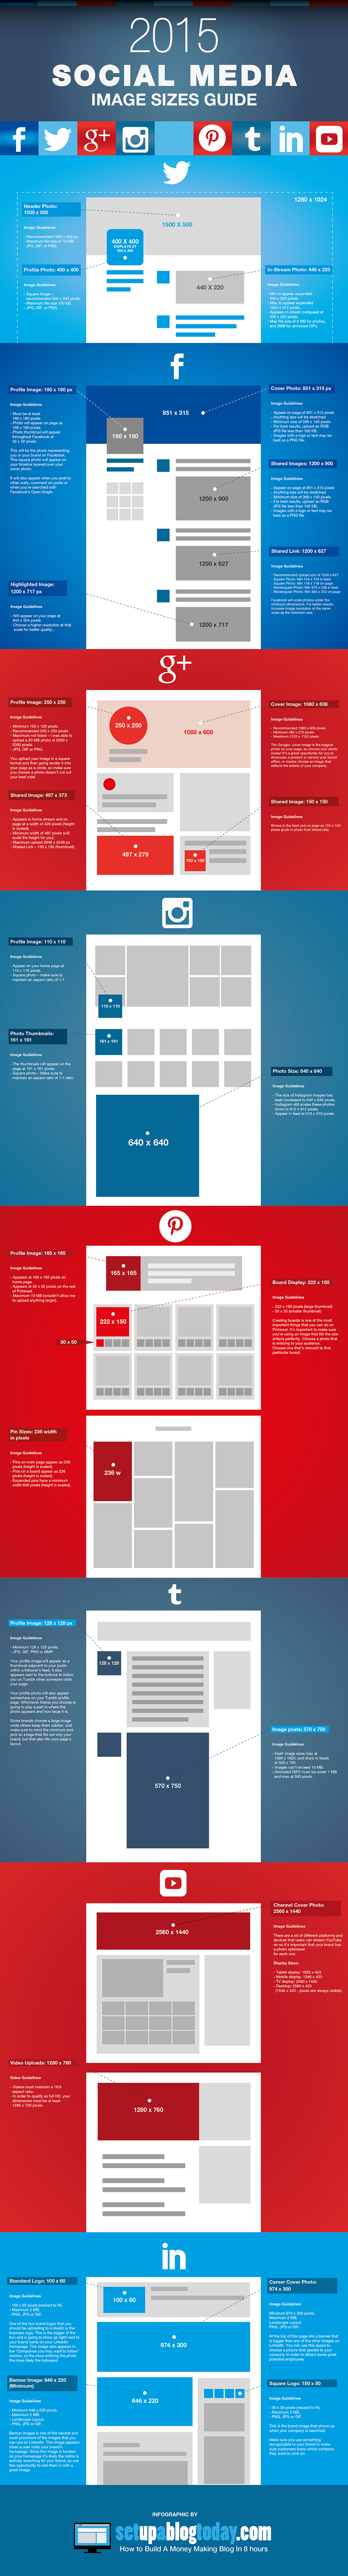 Infographic-Alle afmetingen van social media afbeeldingen op een rij